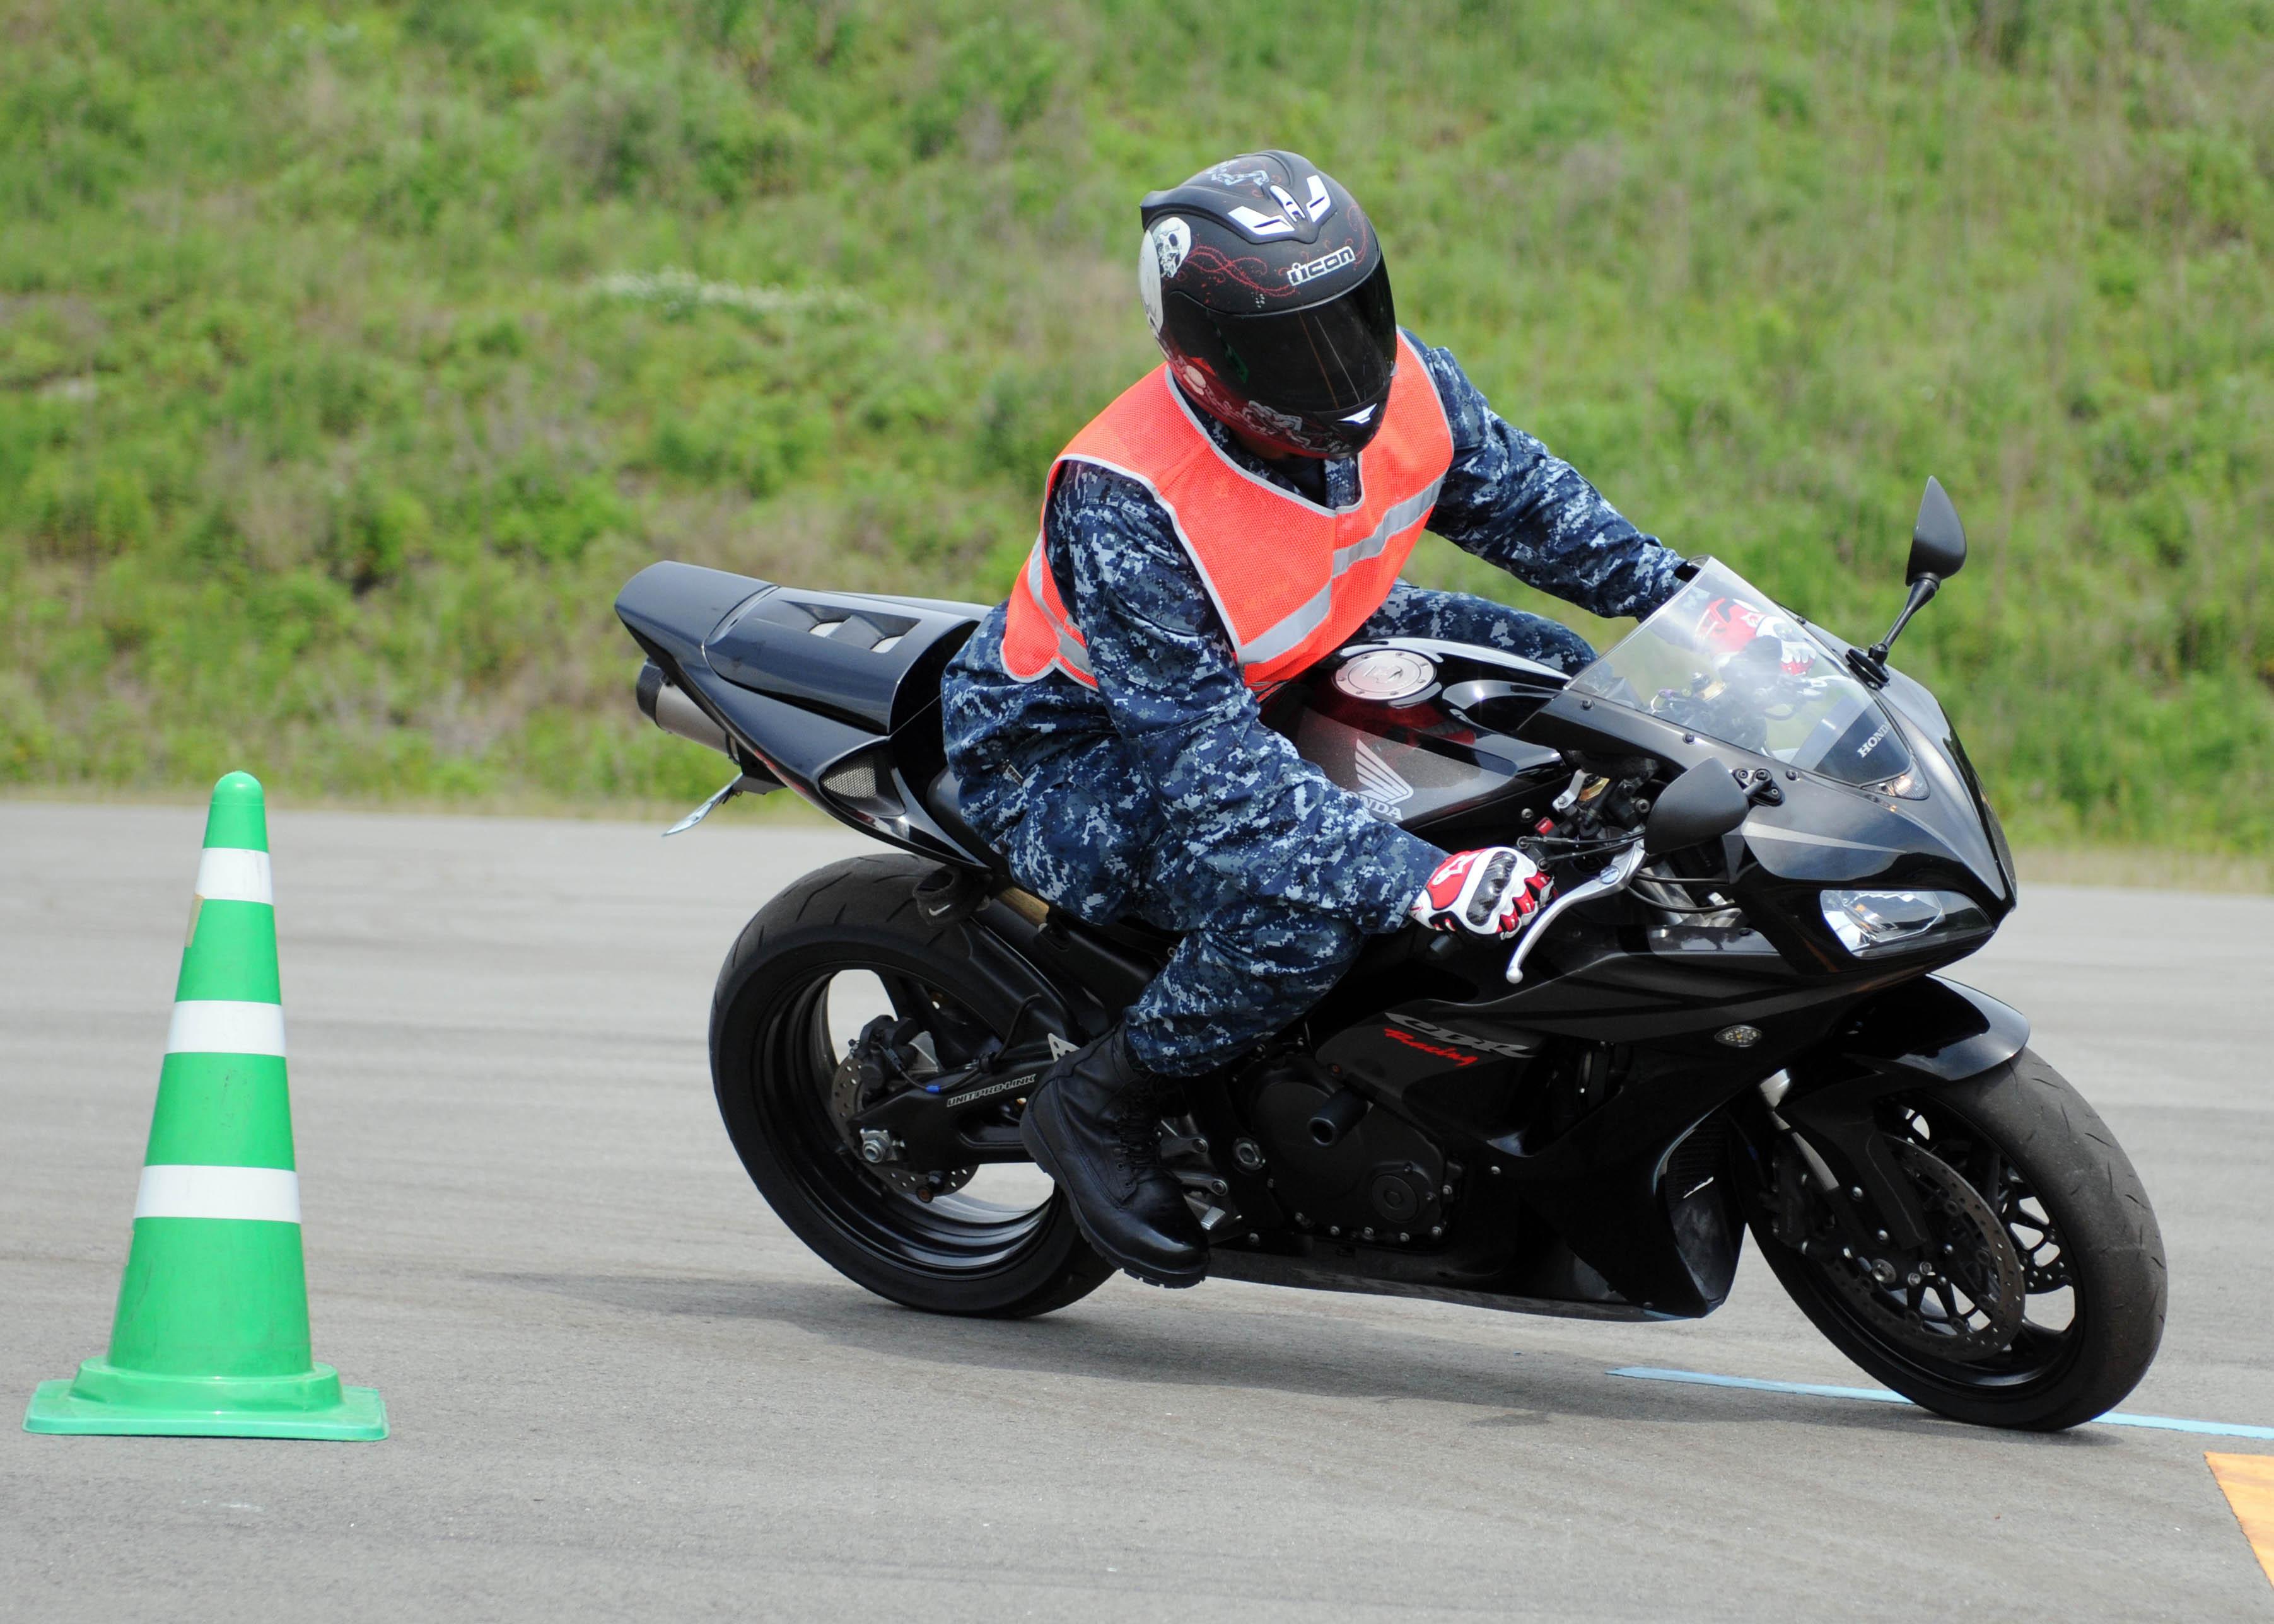 Diarios de motocicleta  Wikipedia